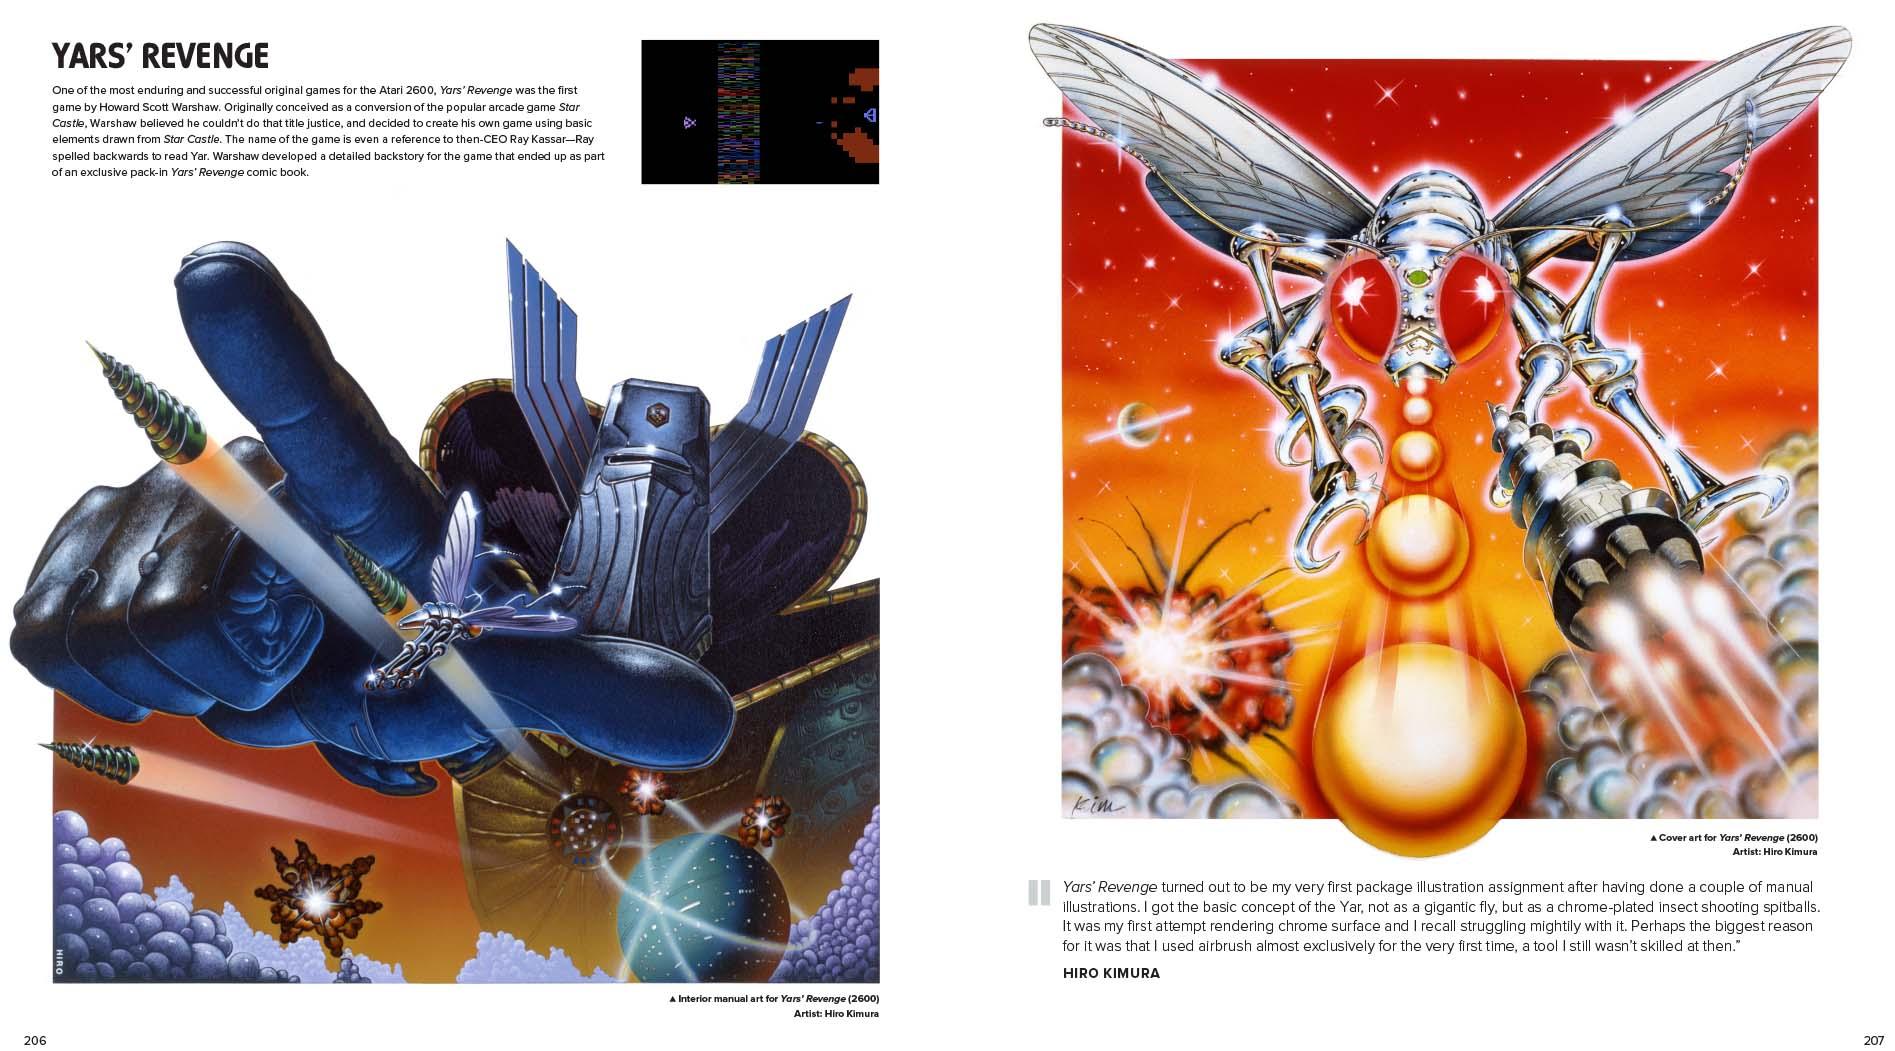 Art of Atari 206-207